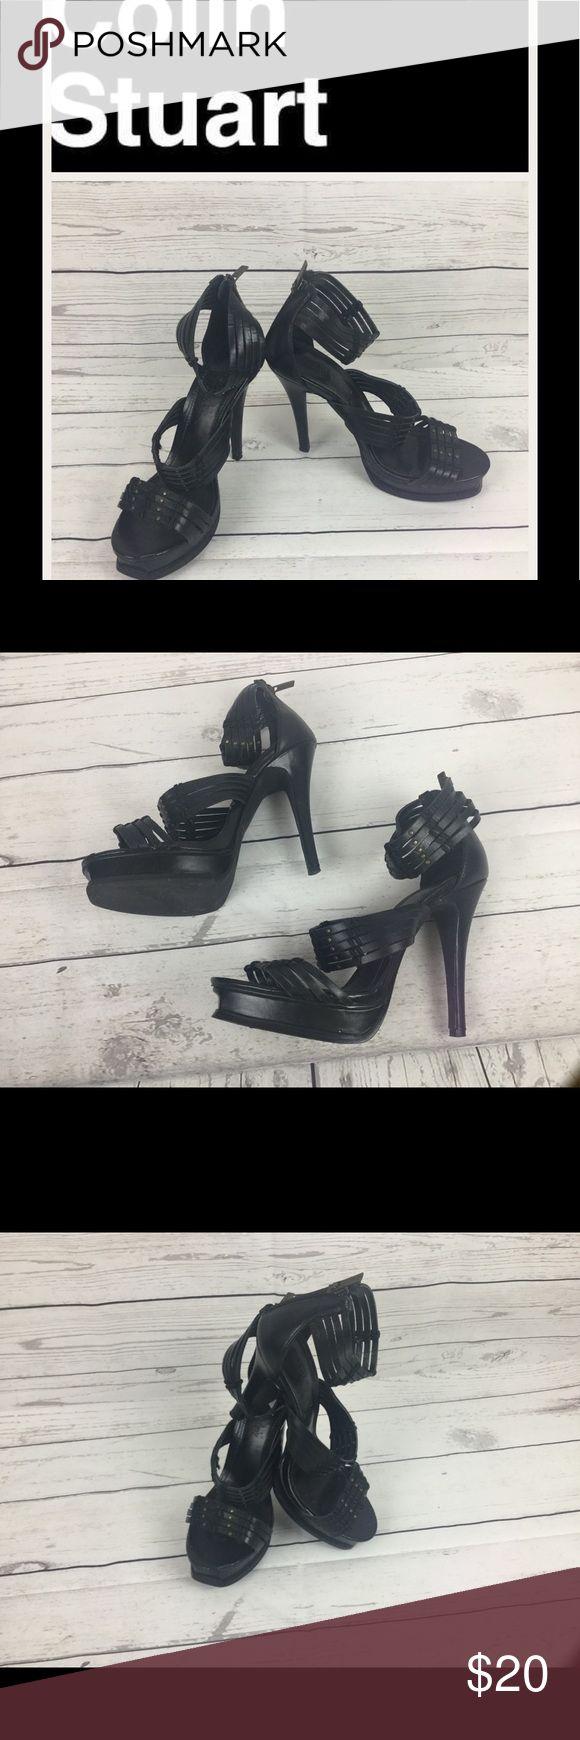 """Colin Stuart Black Leather Sandals, Sz 7.5. Colin Stuart Black Leather Sandals, Sz 7.5.  Heel height 5"""". In good condition.  Great looking shoes. Colin Stuart Shoes Heels"""